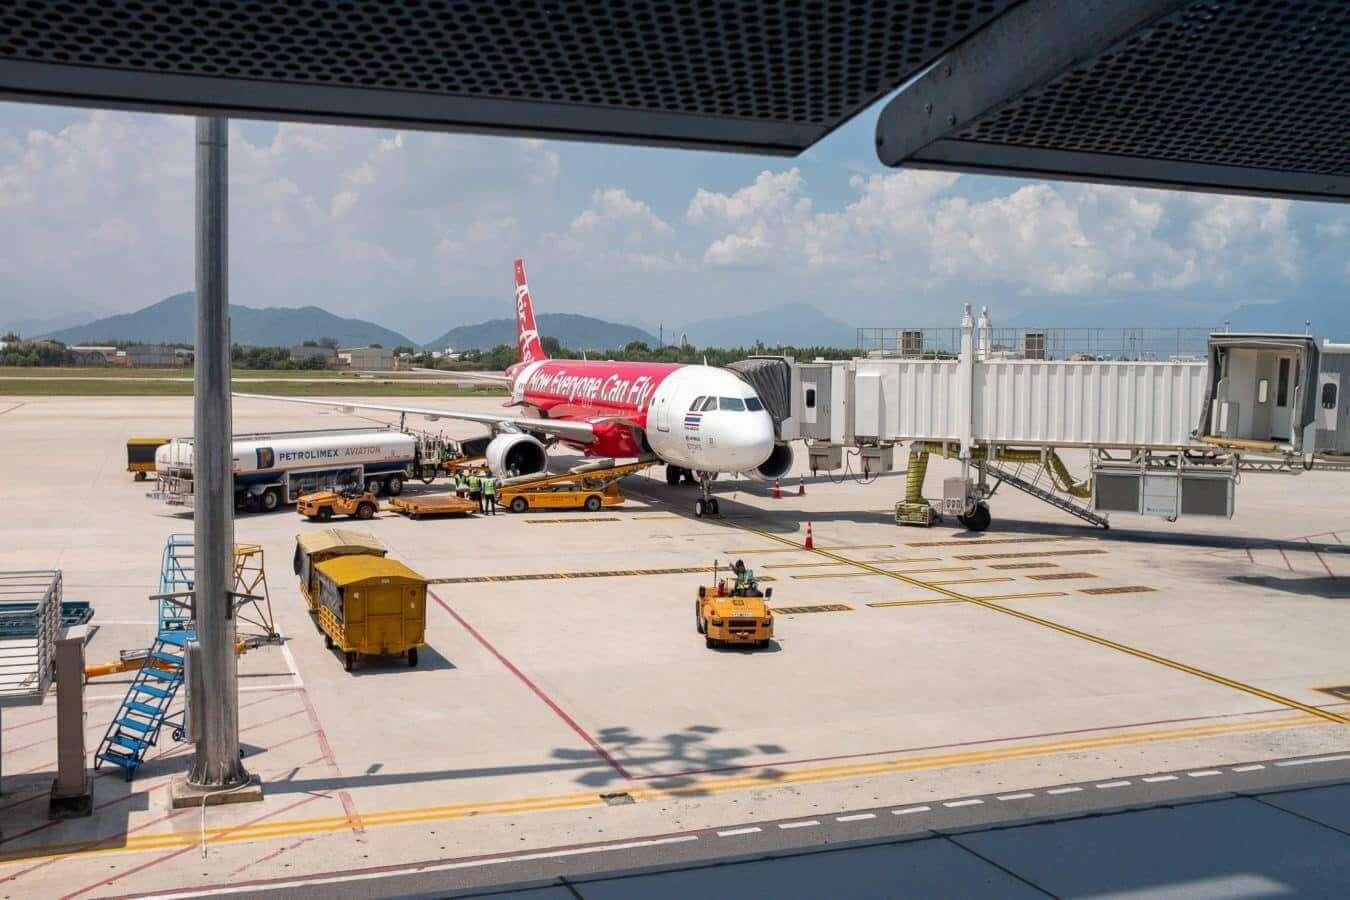 Da Nang Airport - Da Nang to Hoi An